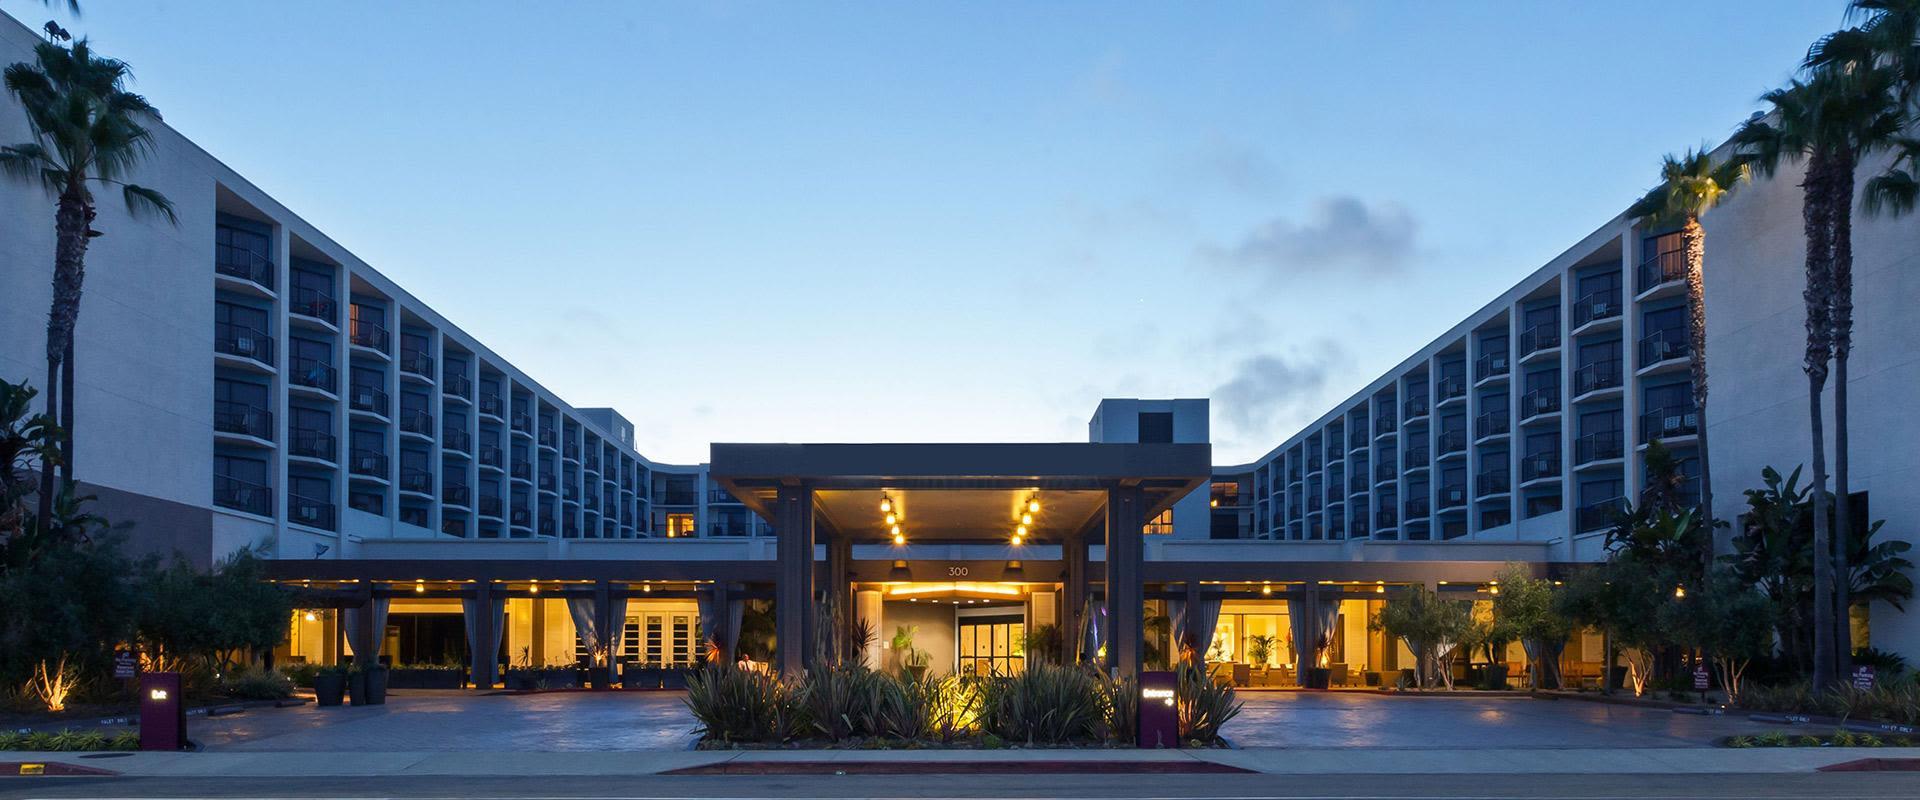 Redondo Beach Hotel Exterior At Sunset